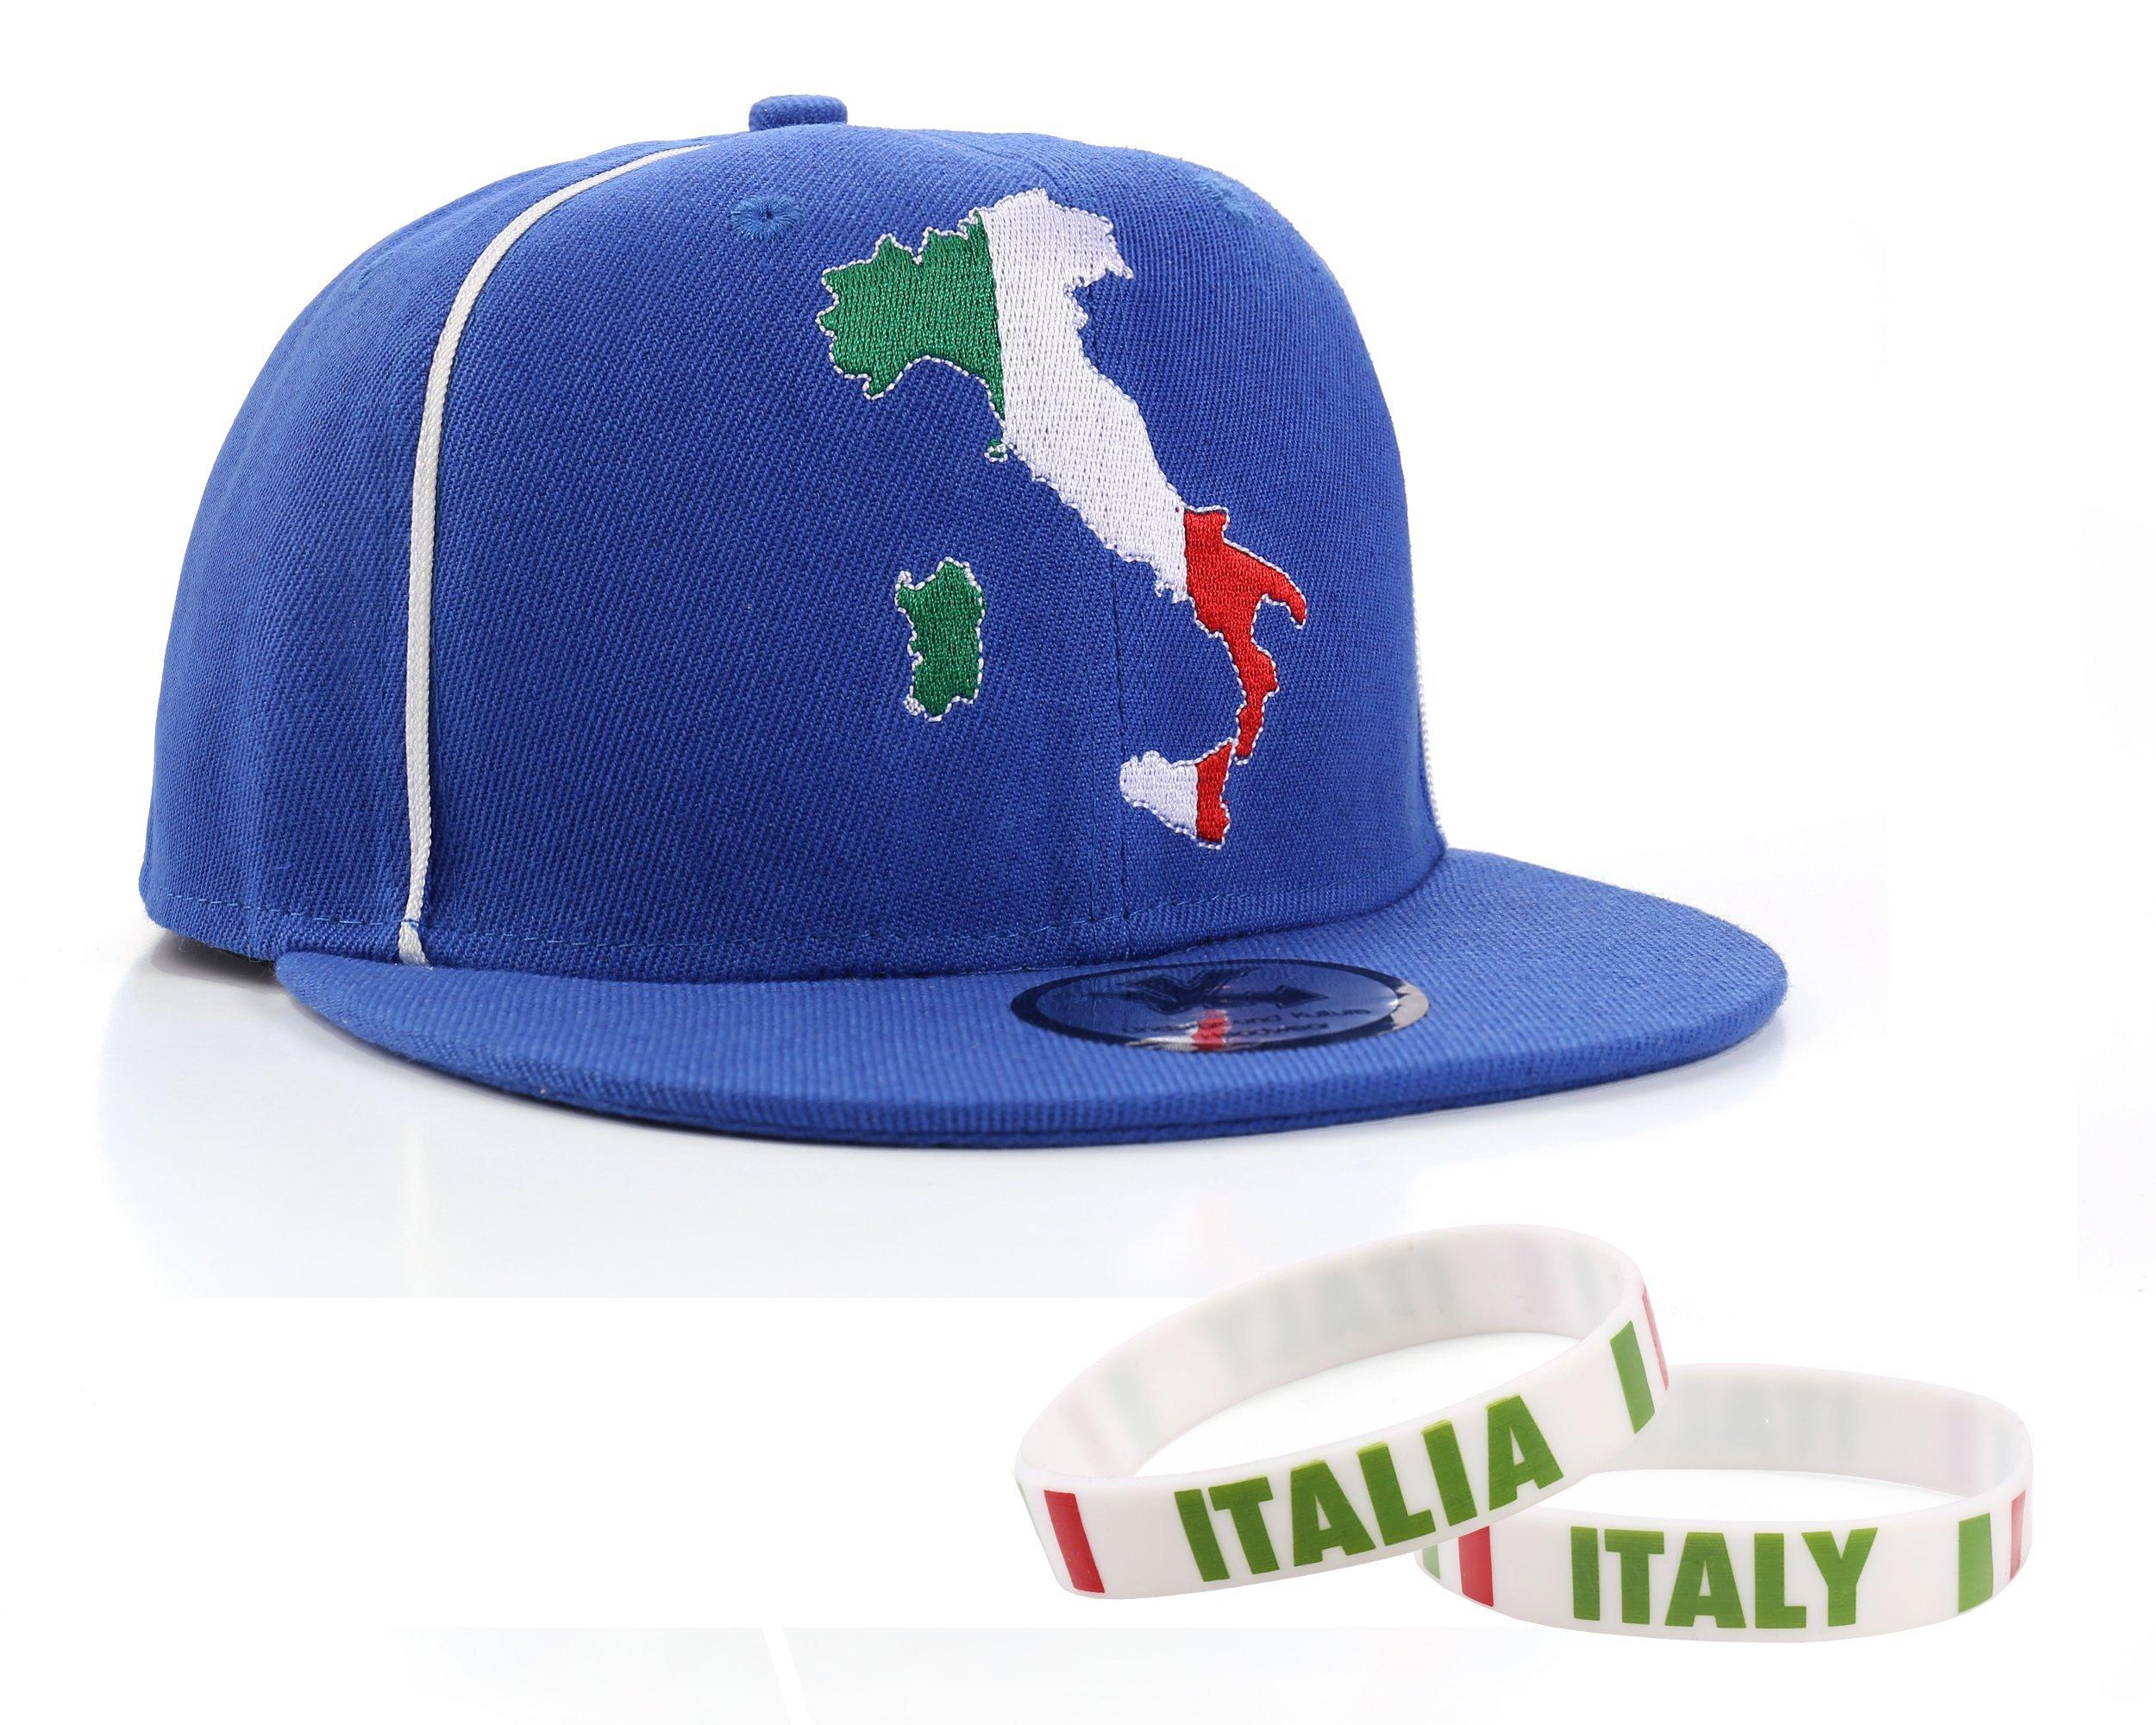 Italy Duo Pack - Flat Peak Snapback Baseball Cap & 2 x Italian Wristbands